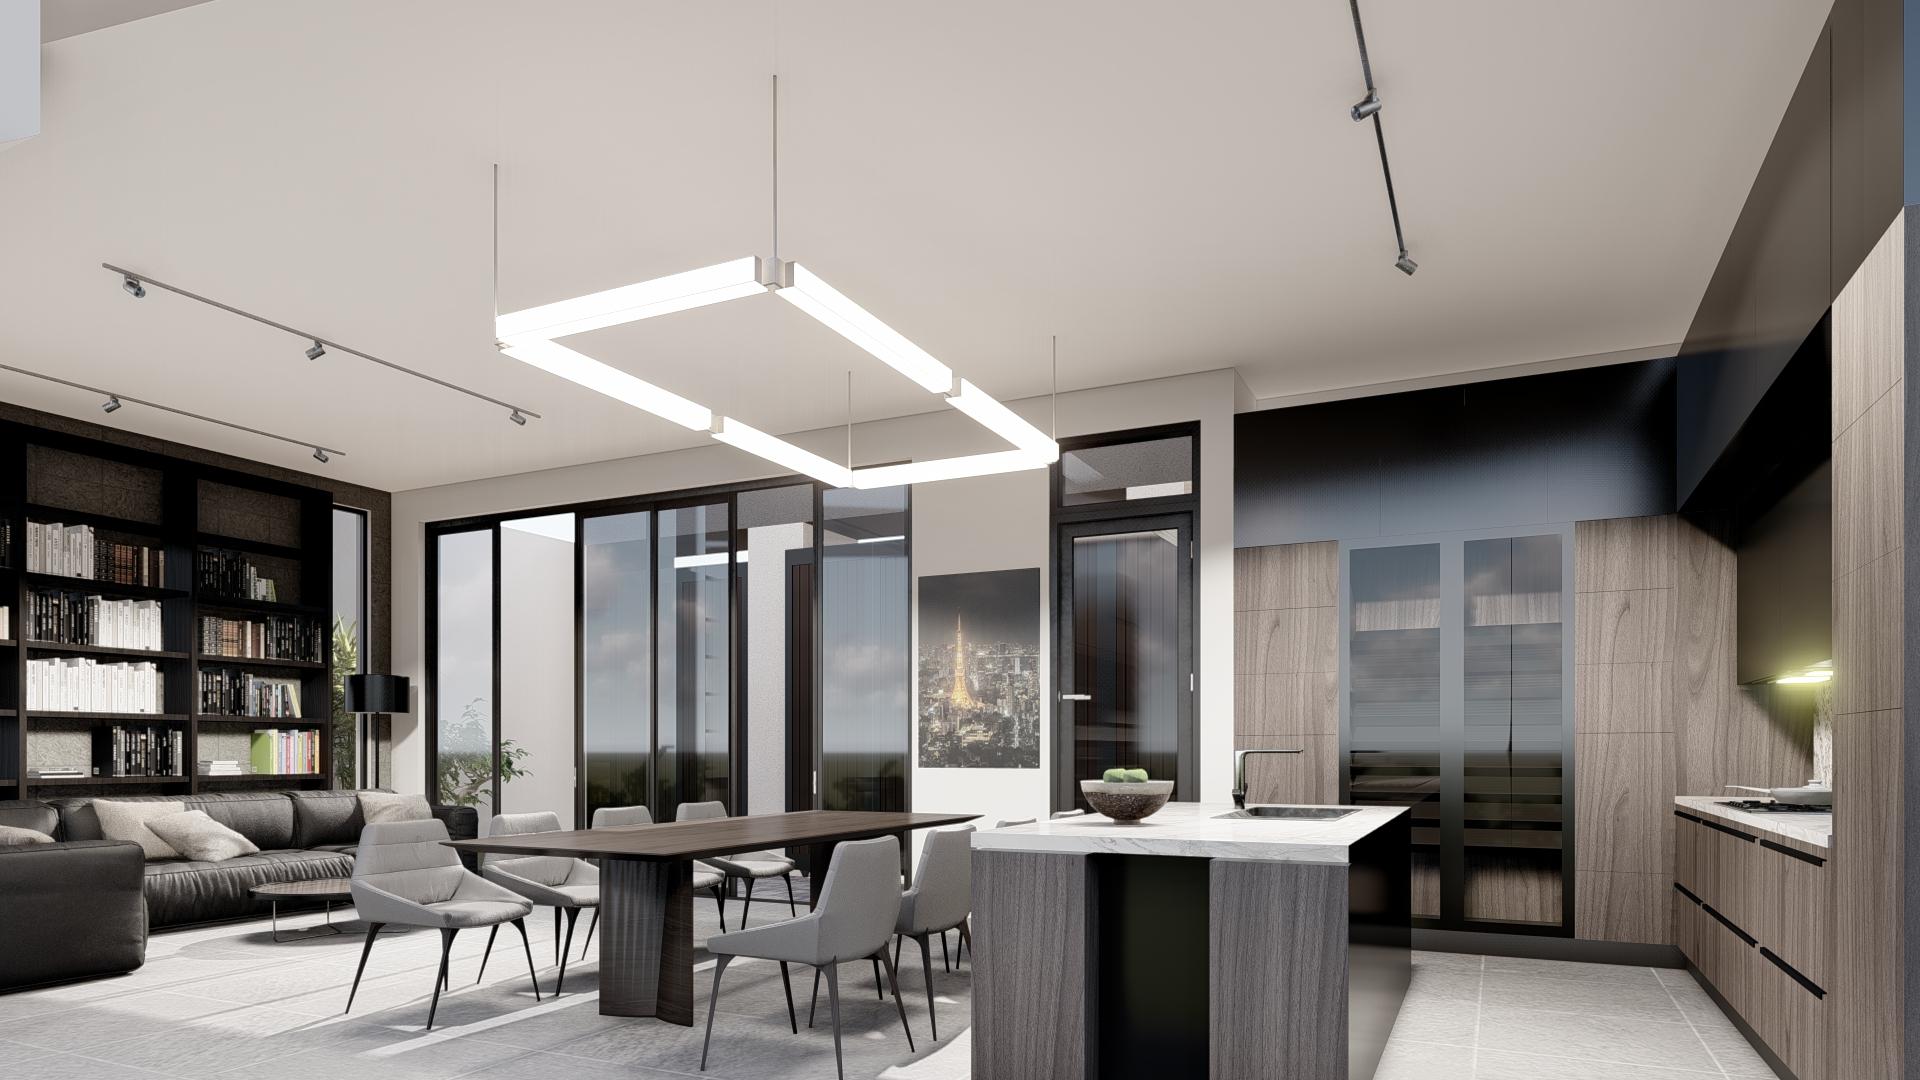 thiết kế nội thất Biệt Thự tại Gia Lai Modern villa 0 1565933995